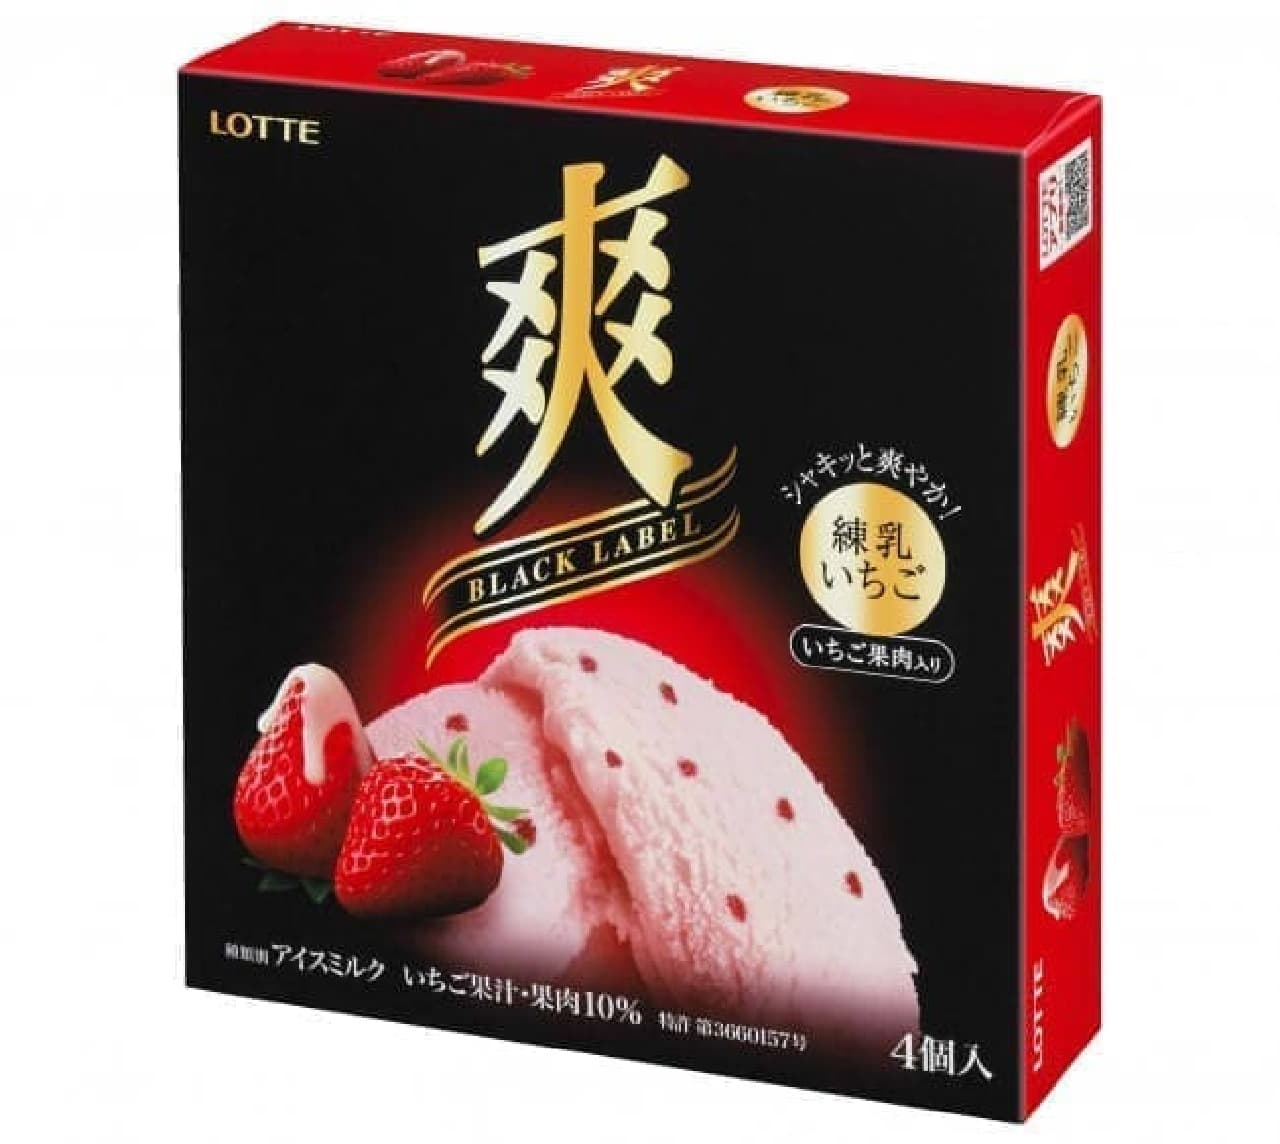 ロッテアイス 爽 練乳いちご